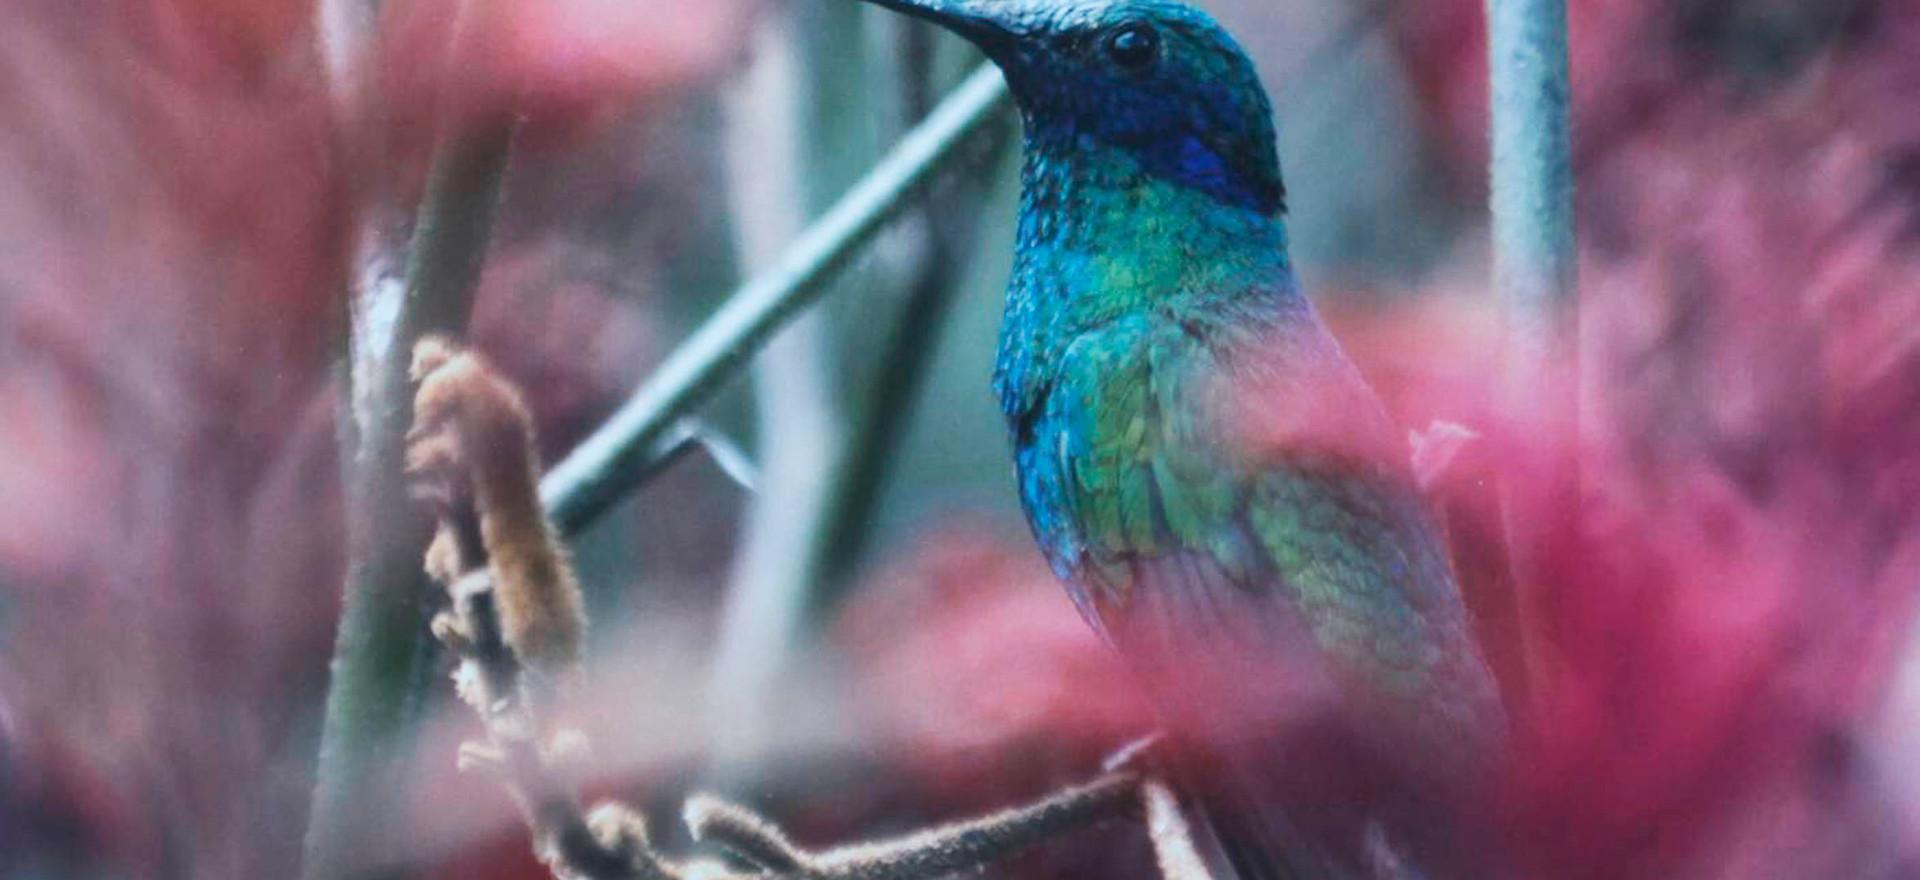 De la serie colibrí